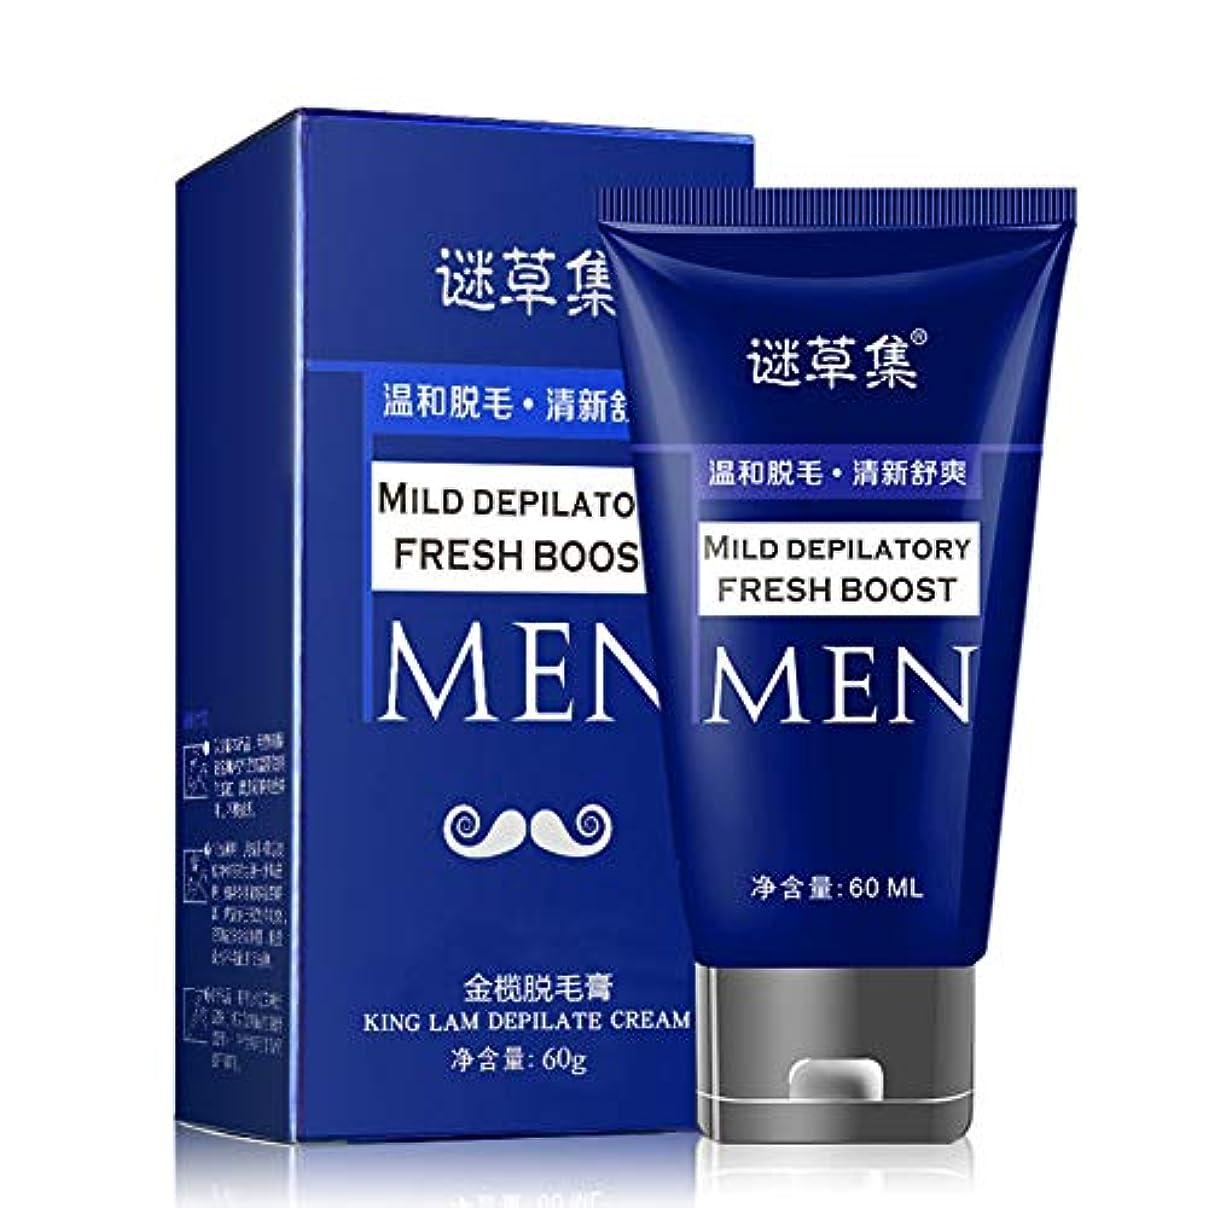 メタン散髪保護するRabugoo セクシー 60ML脱毛クリーム脱毛腕のアームの脚の毛の痛みは、男性の美容スパのために削除